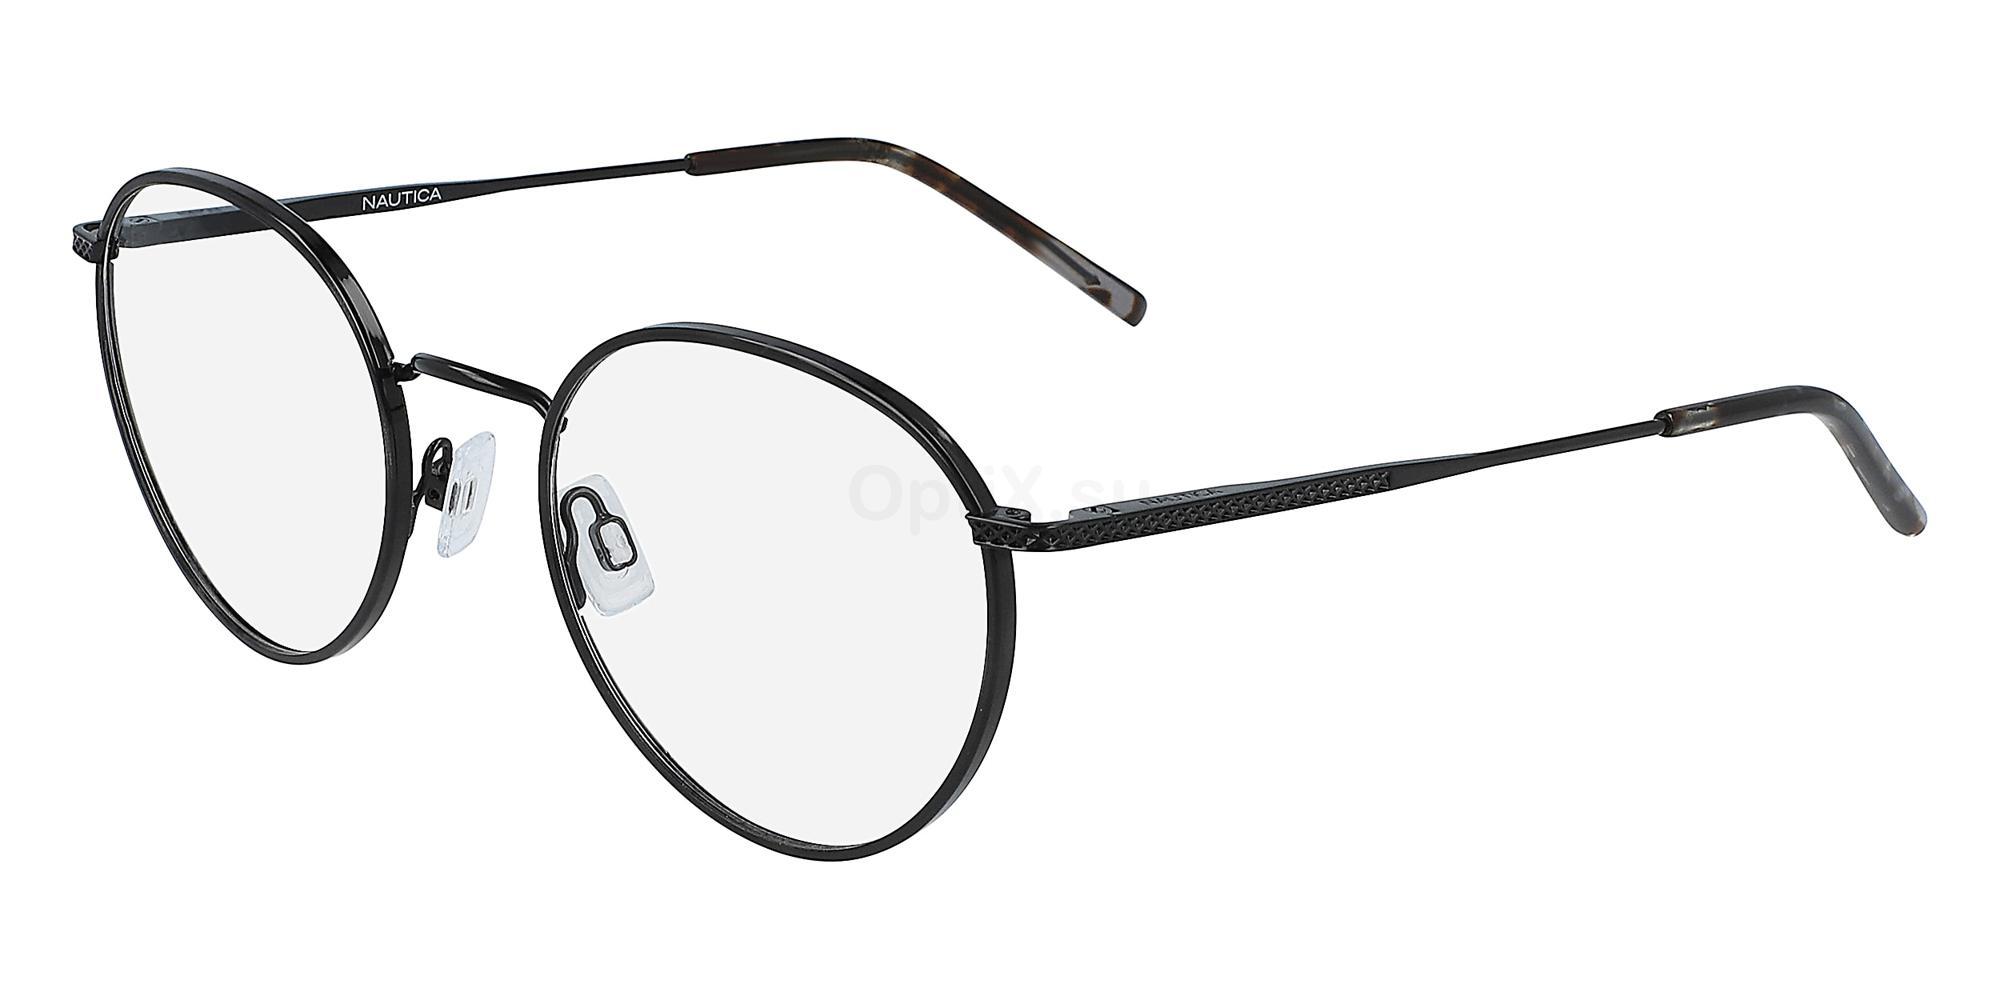 001 N7308 Glasses, Nautica